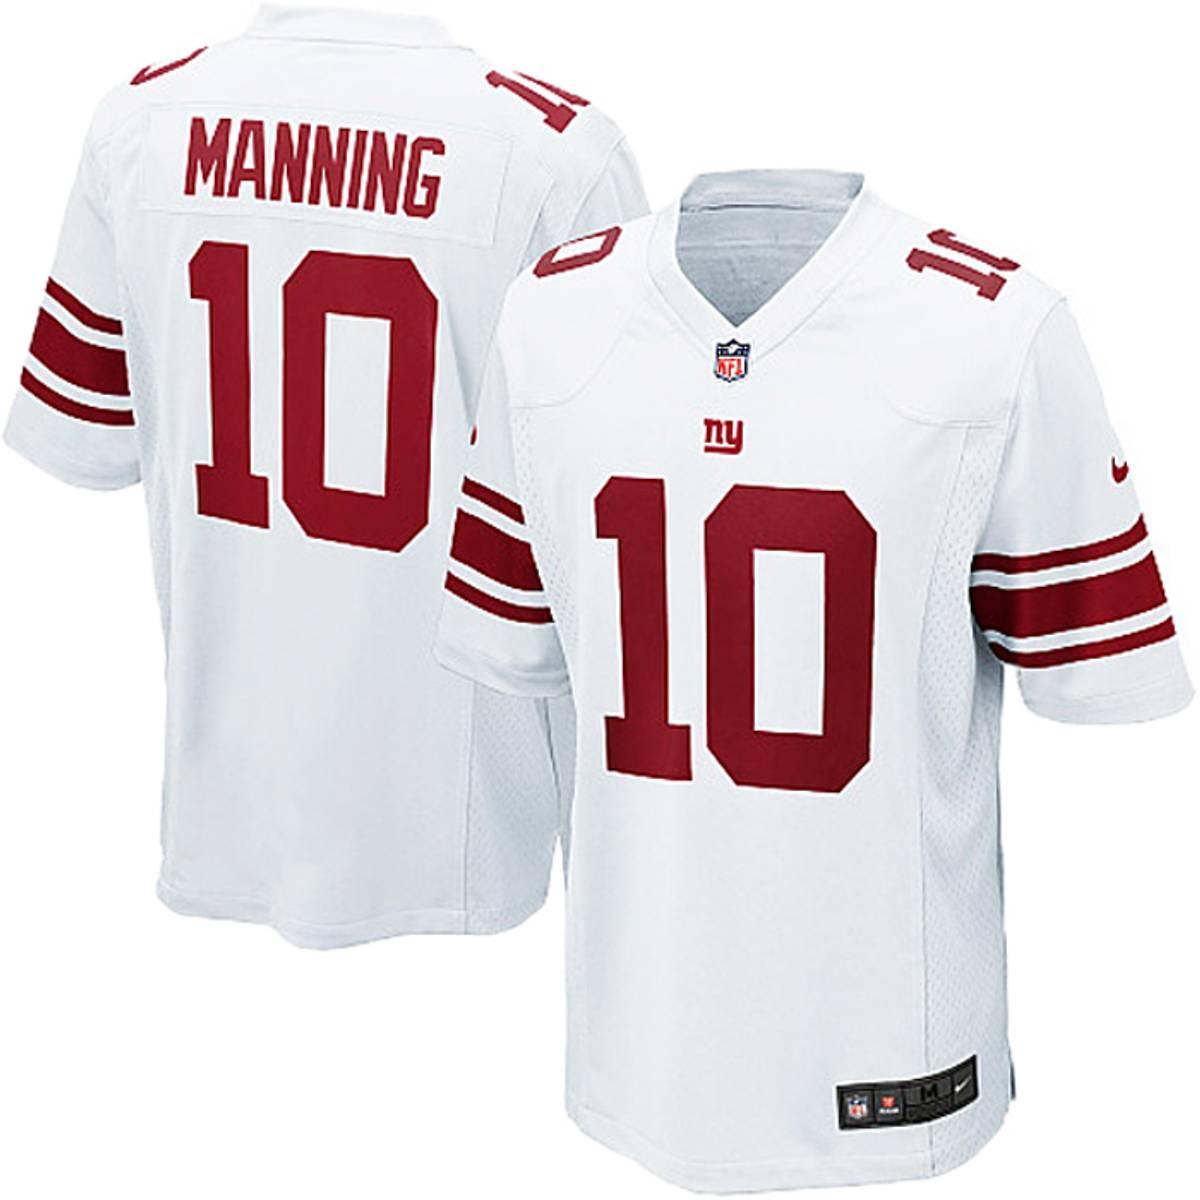 Nike Nfl Ny Giants Eli Manning Jersey Size S $80